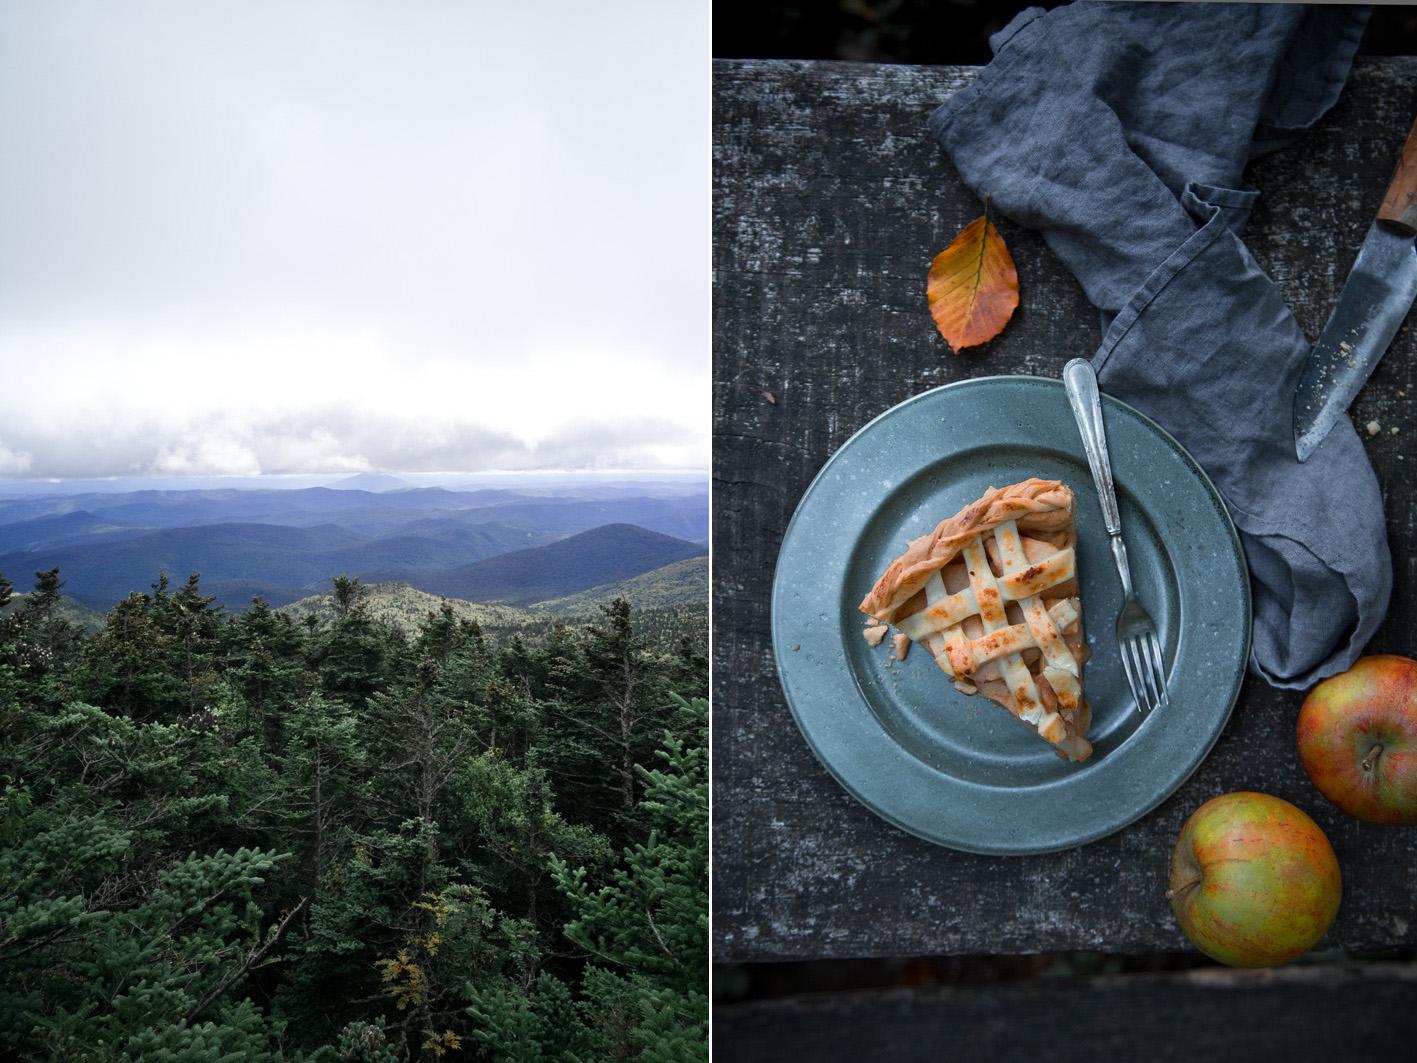 Rezept für Apple Pie aus Vermont